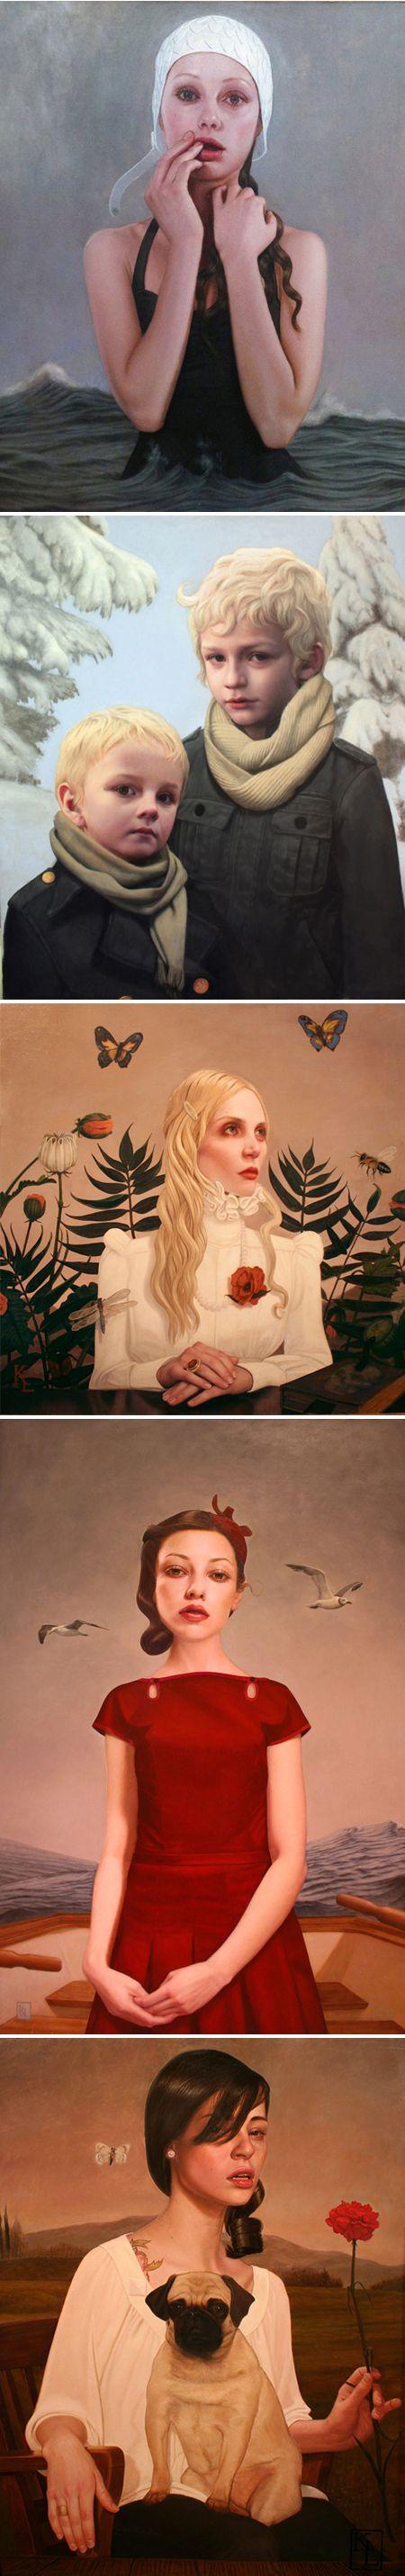 Kris Lewis: Lewis Awesome, Artists, Art Paintings, Odd Paintings, Canvas Art, Lifeboat, Lewis Paintings, Portraits, Kris Lewis